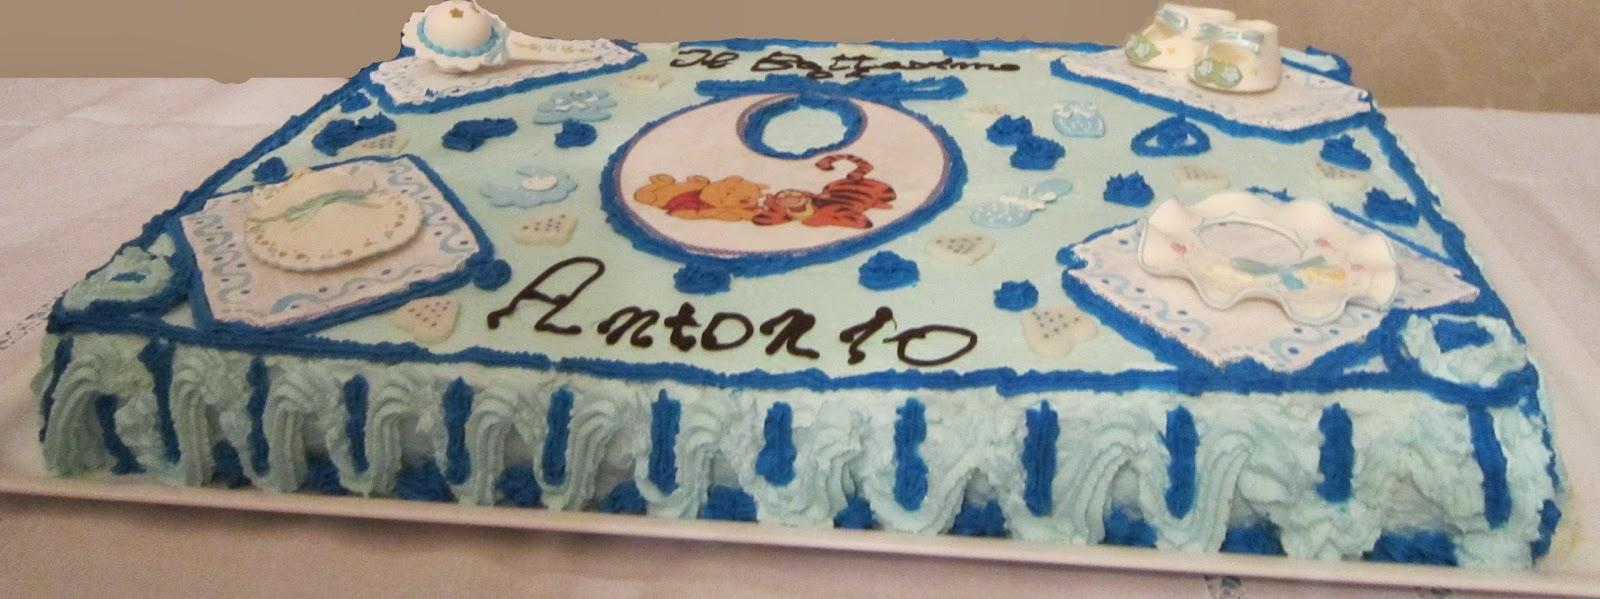 Exceptionnel Torta per il battesimo di mio nipote | Enzo in cucina XN41